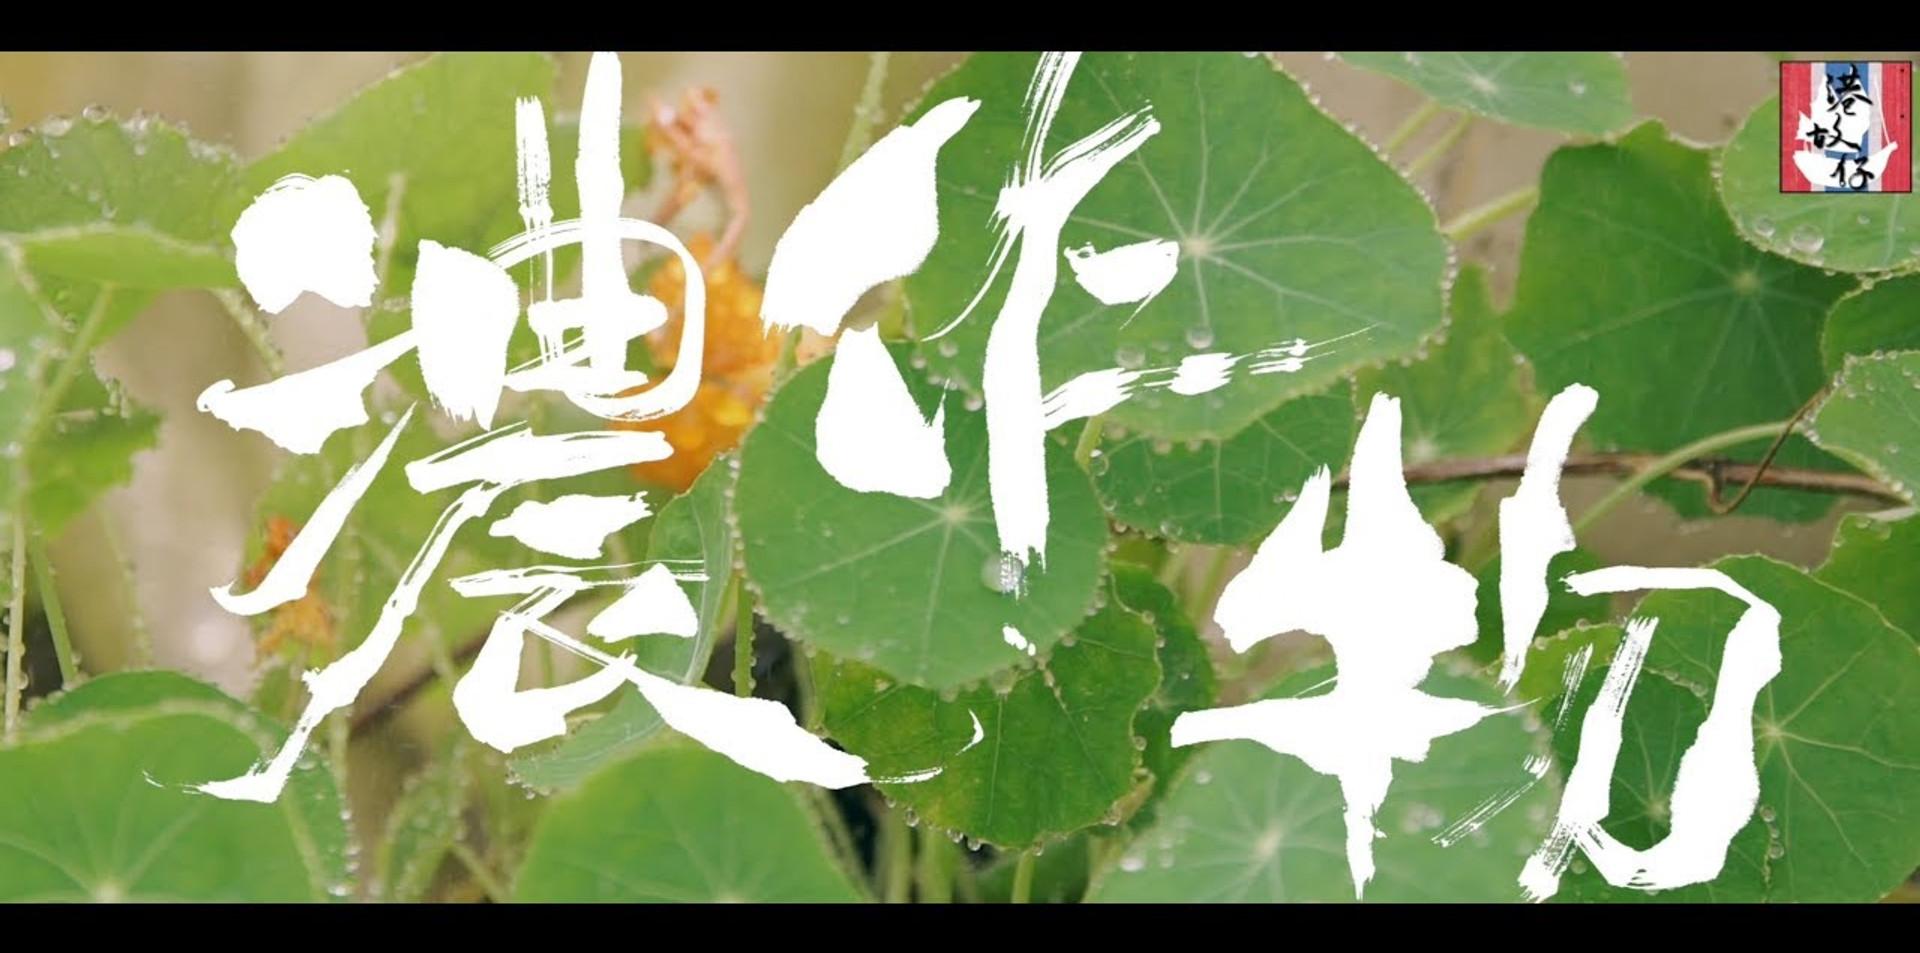 2.52 香港的還有自己種田耕田的農夫?